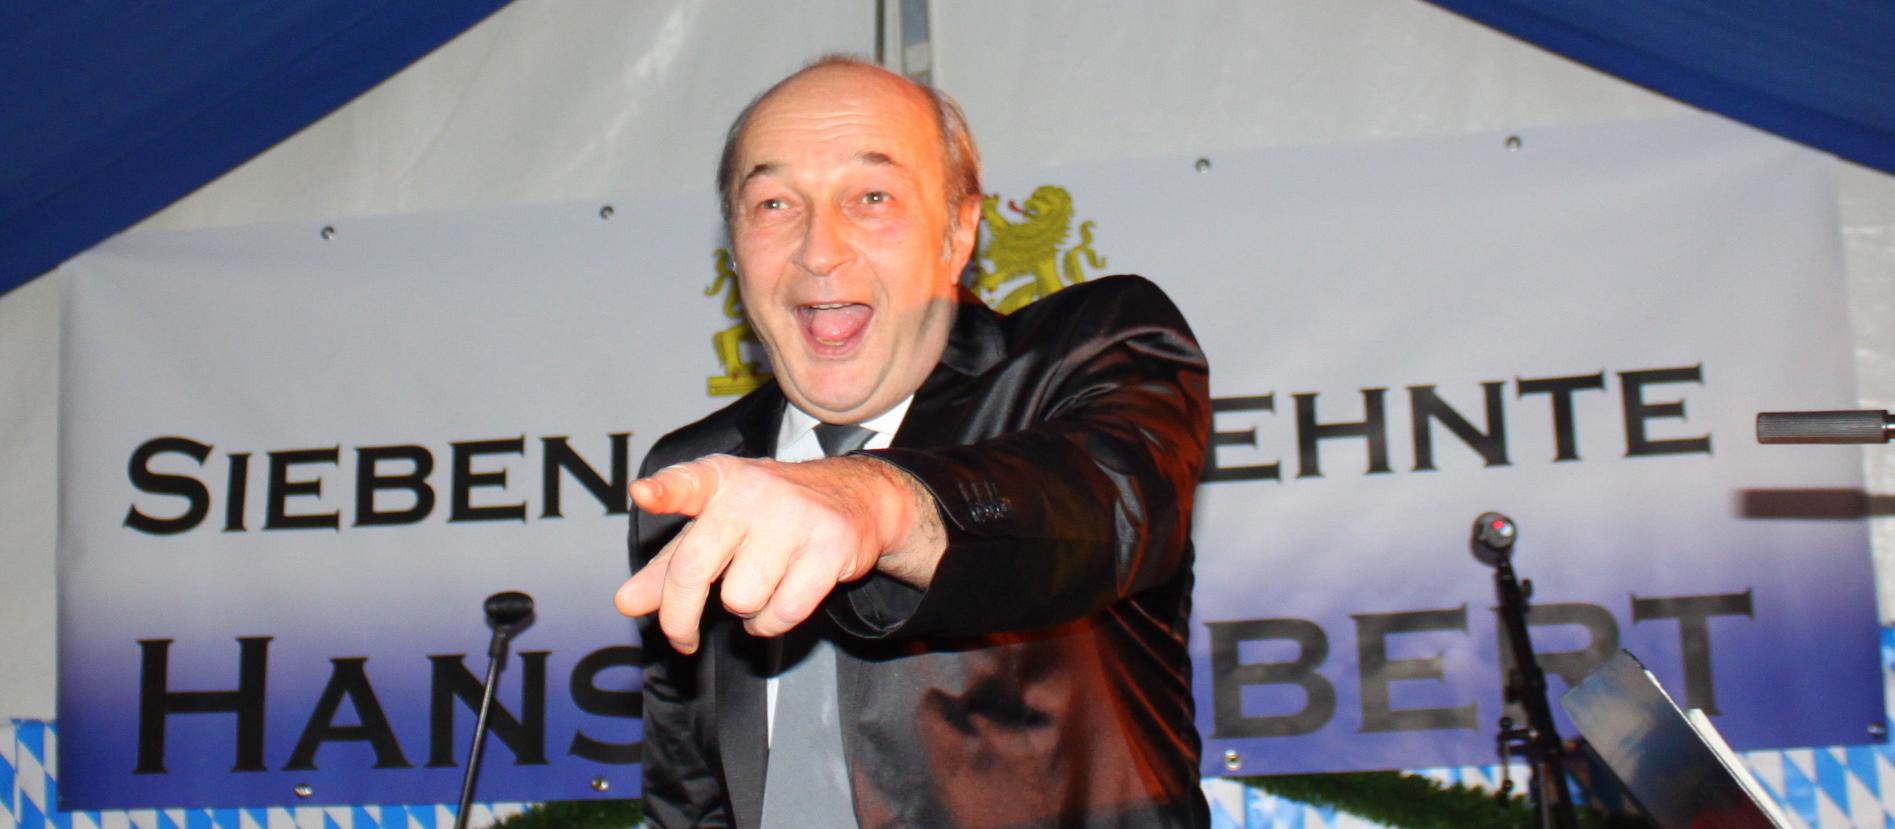 Volker Stahlhut